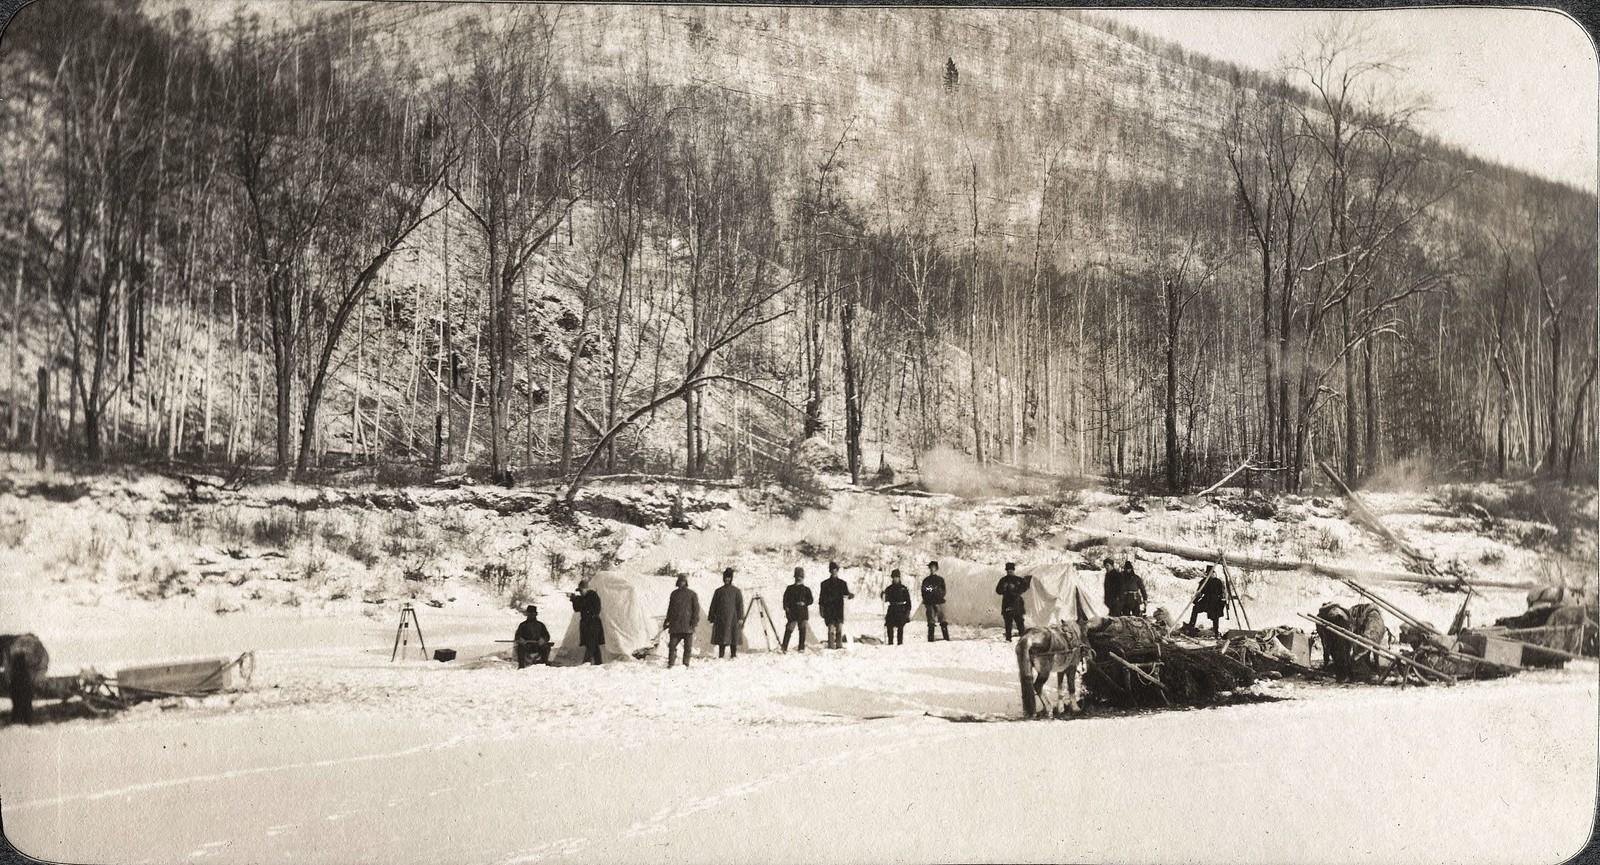 Вид каравана (лагеря) изыскательской партии на льду реки Зеи